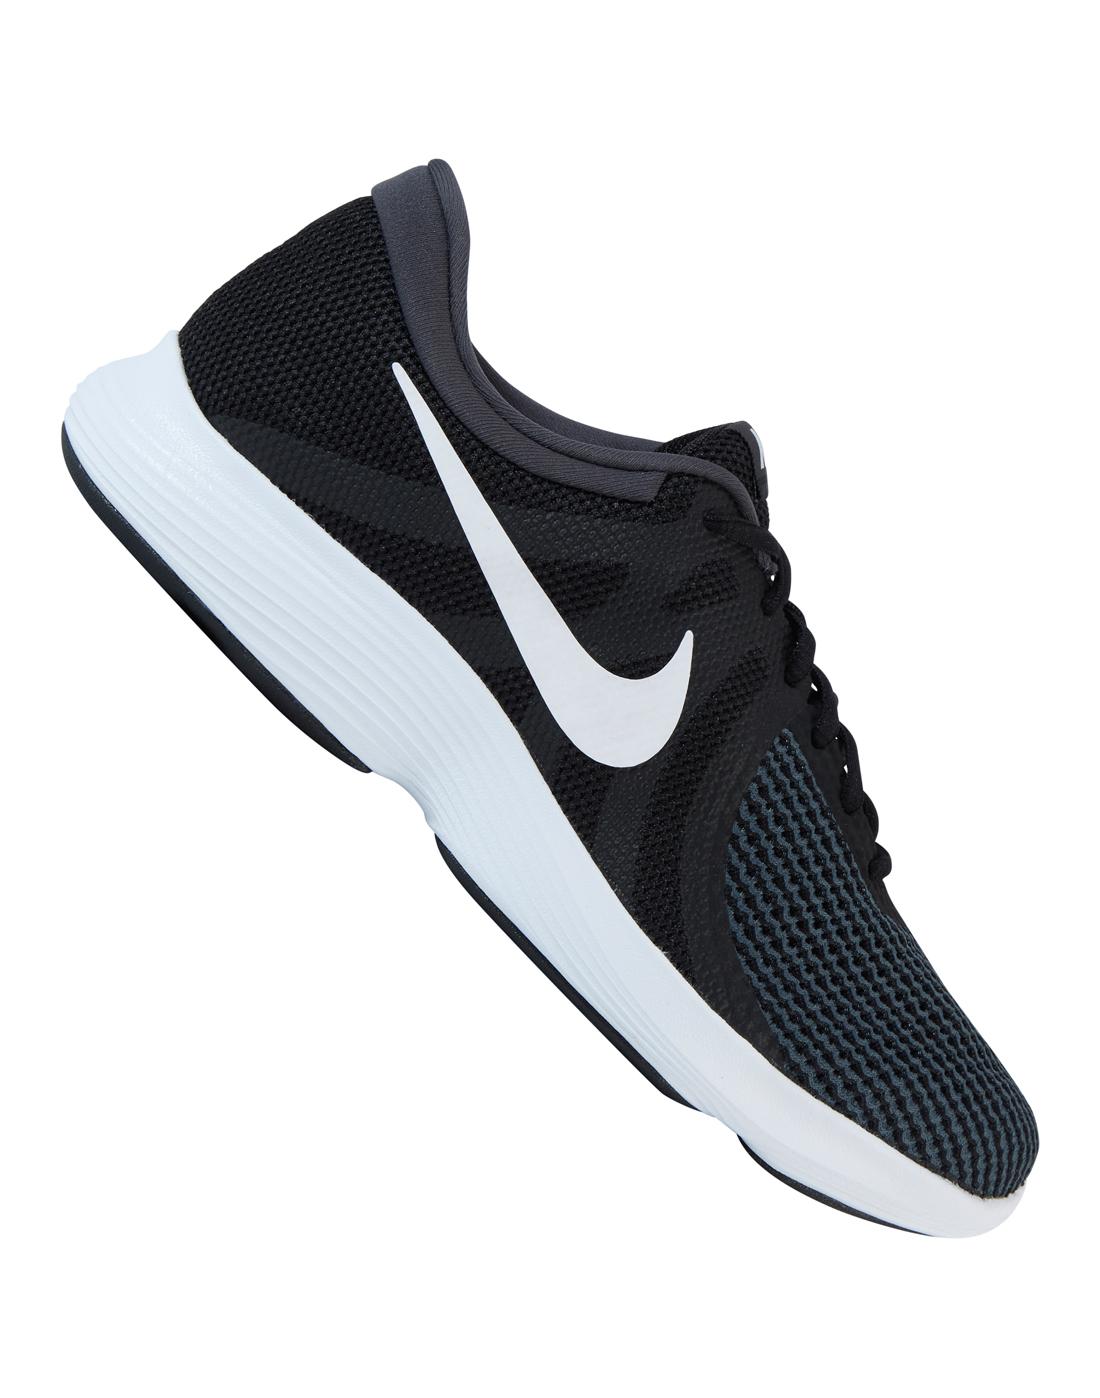 59356eafdabd Nike Mens Revolution 4